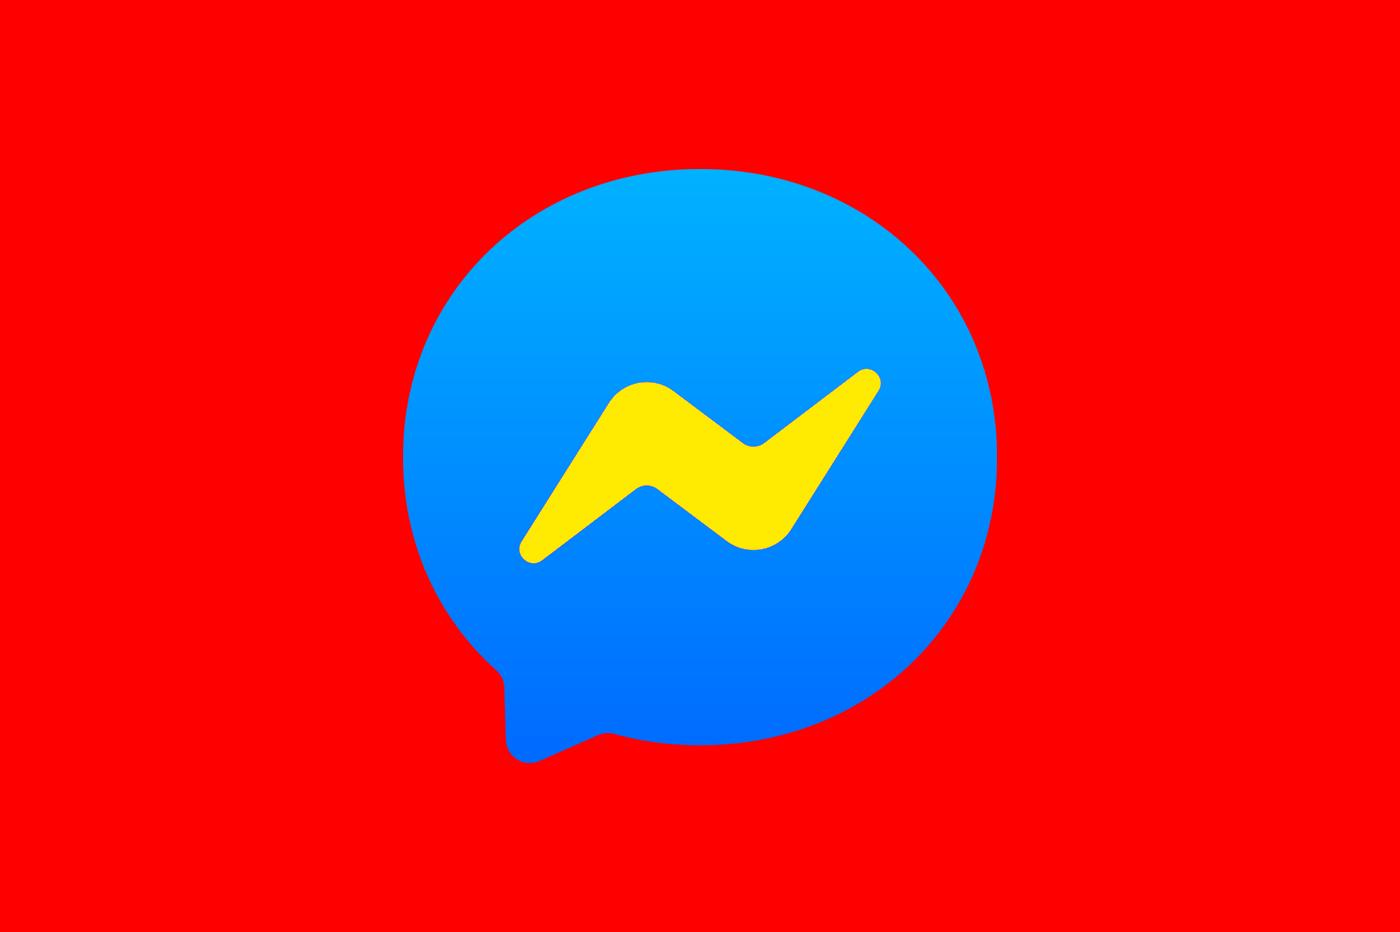 L'App Messenger sur Mac fait surchauffer les ordinateurs Apple 1